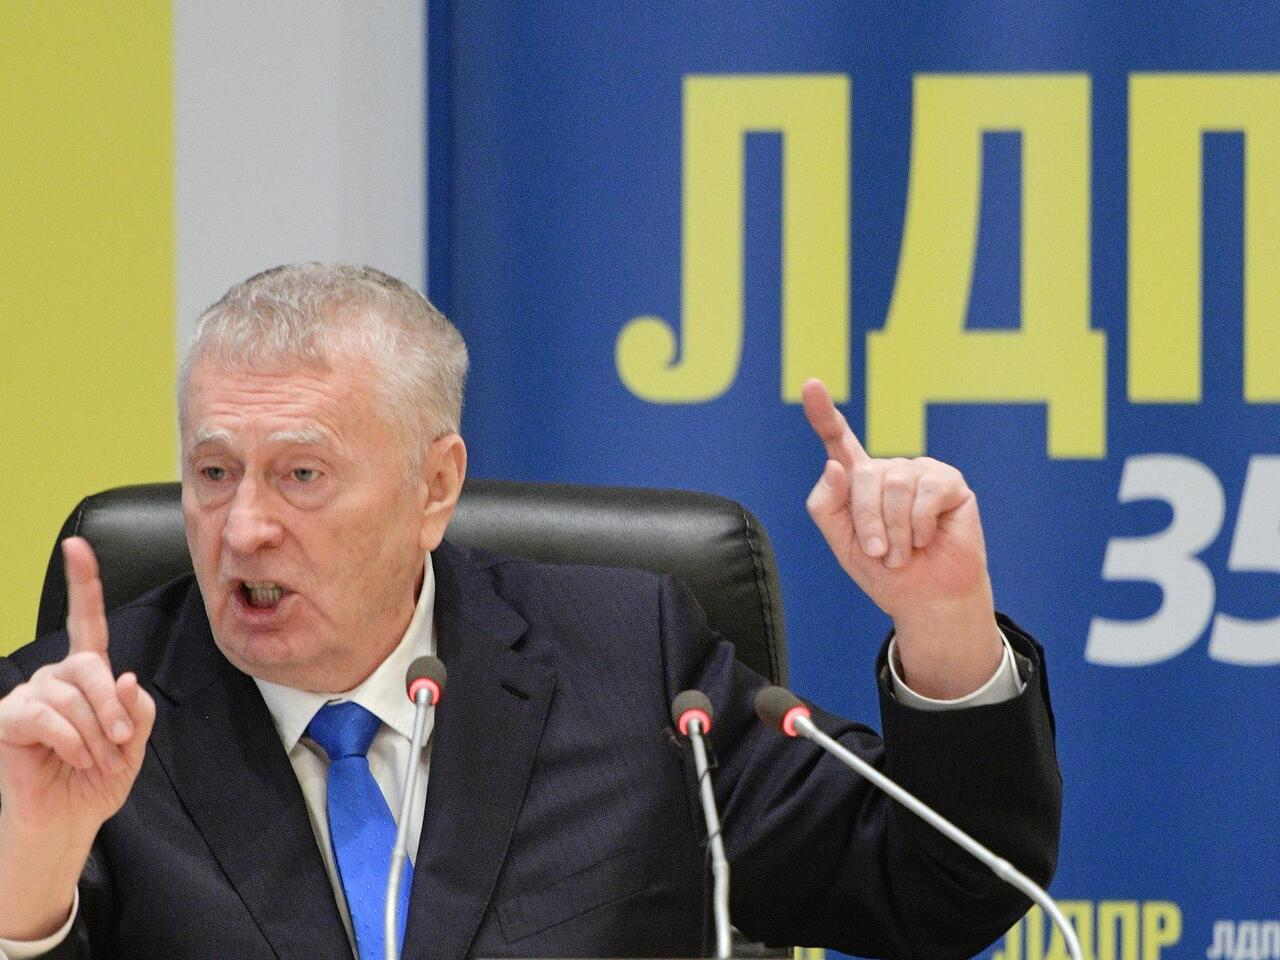 zhirinovskij dal prognoz o tom kto mozhet stat sledujushhim prezidentom rf